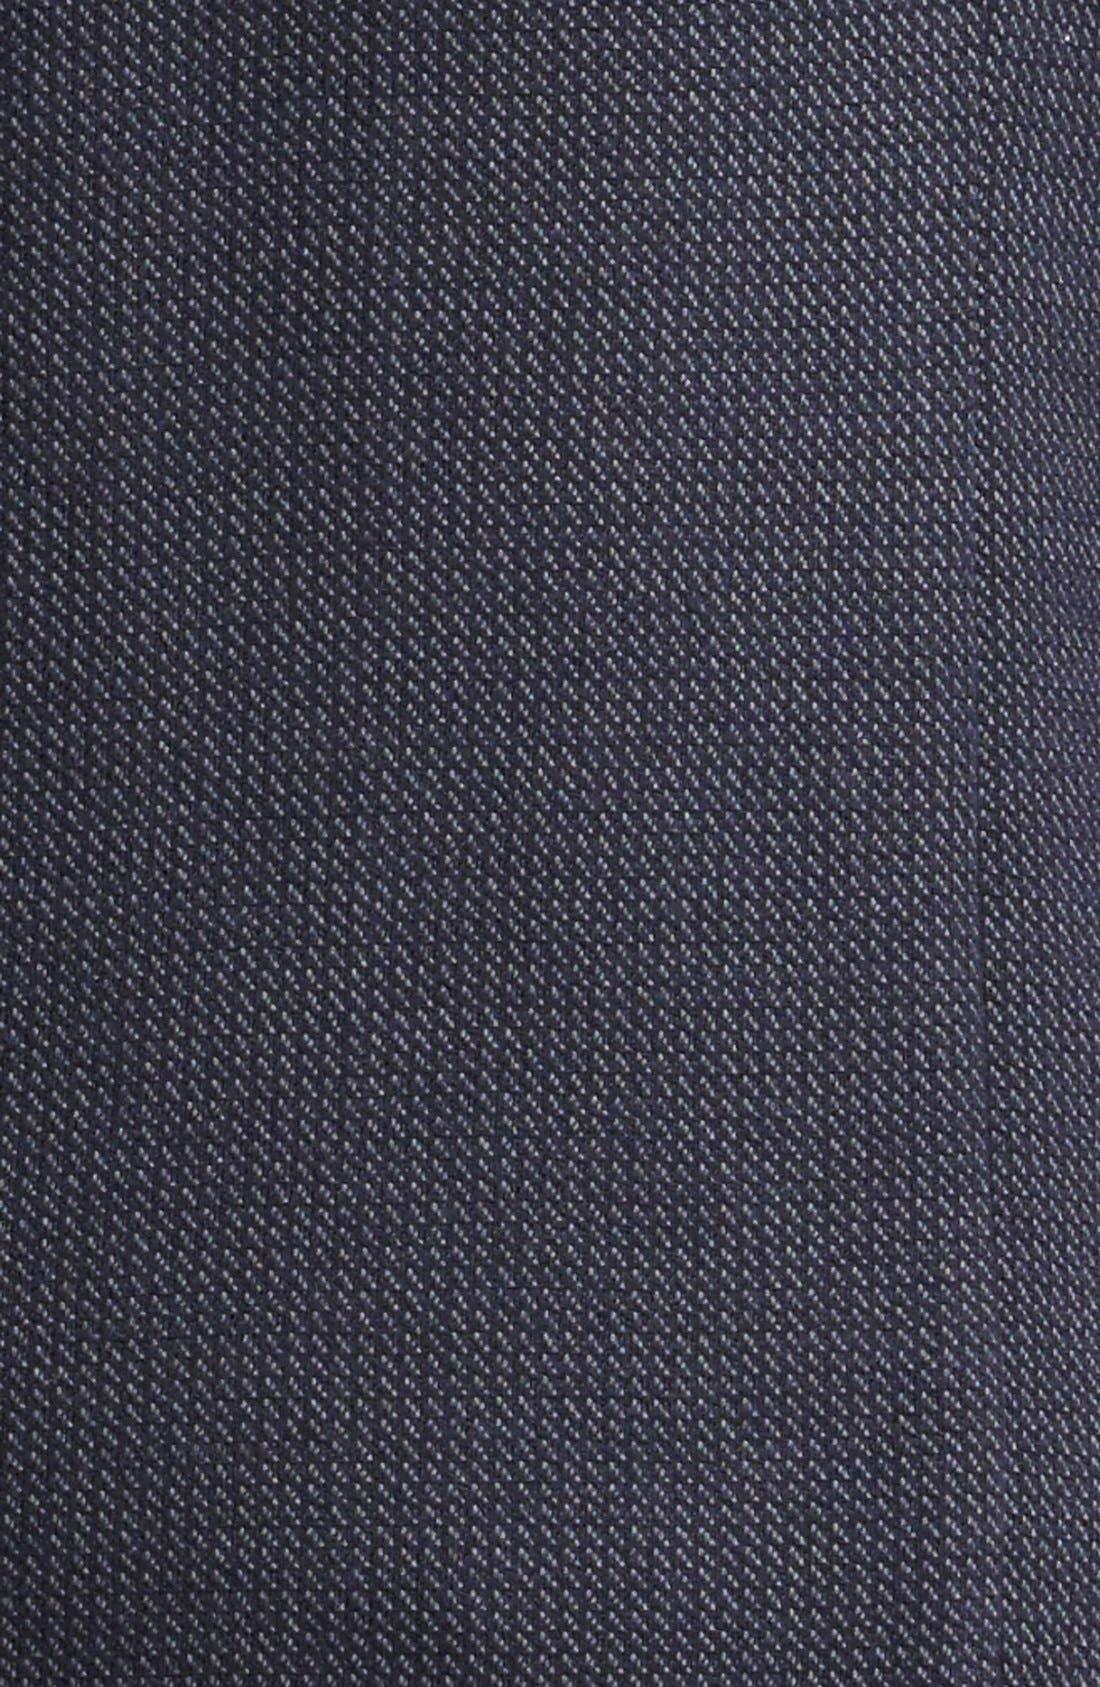 Alternate Image 3  - Armani Collezioni 'Linea' Tic Weave Sportcoat